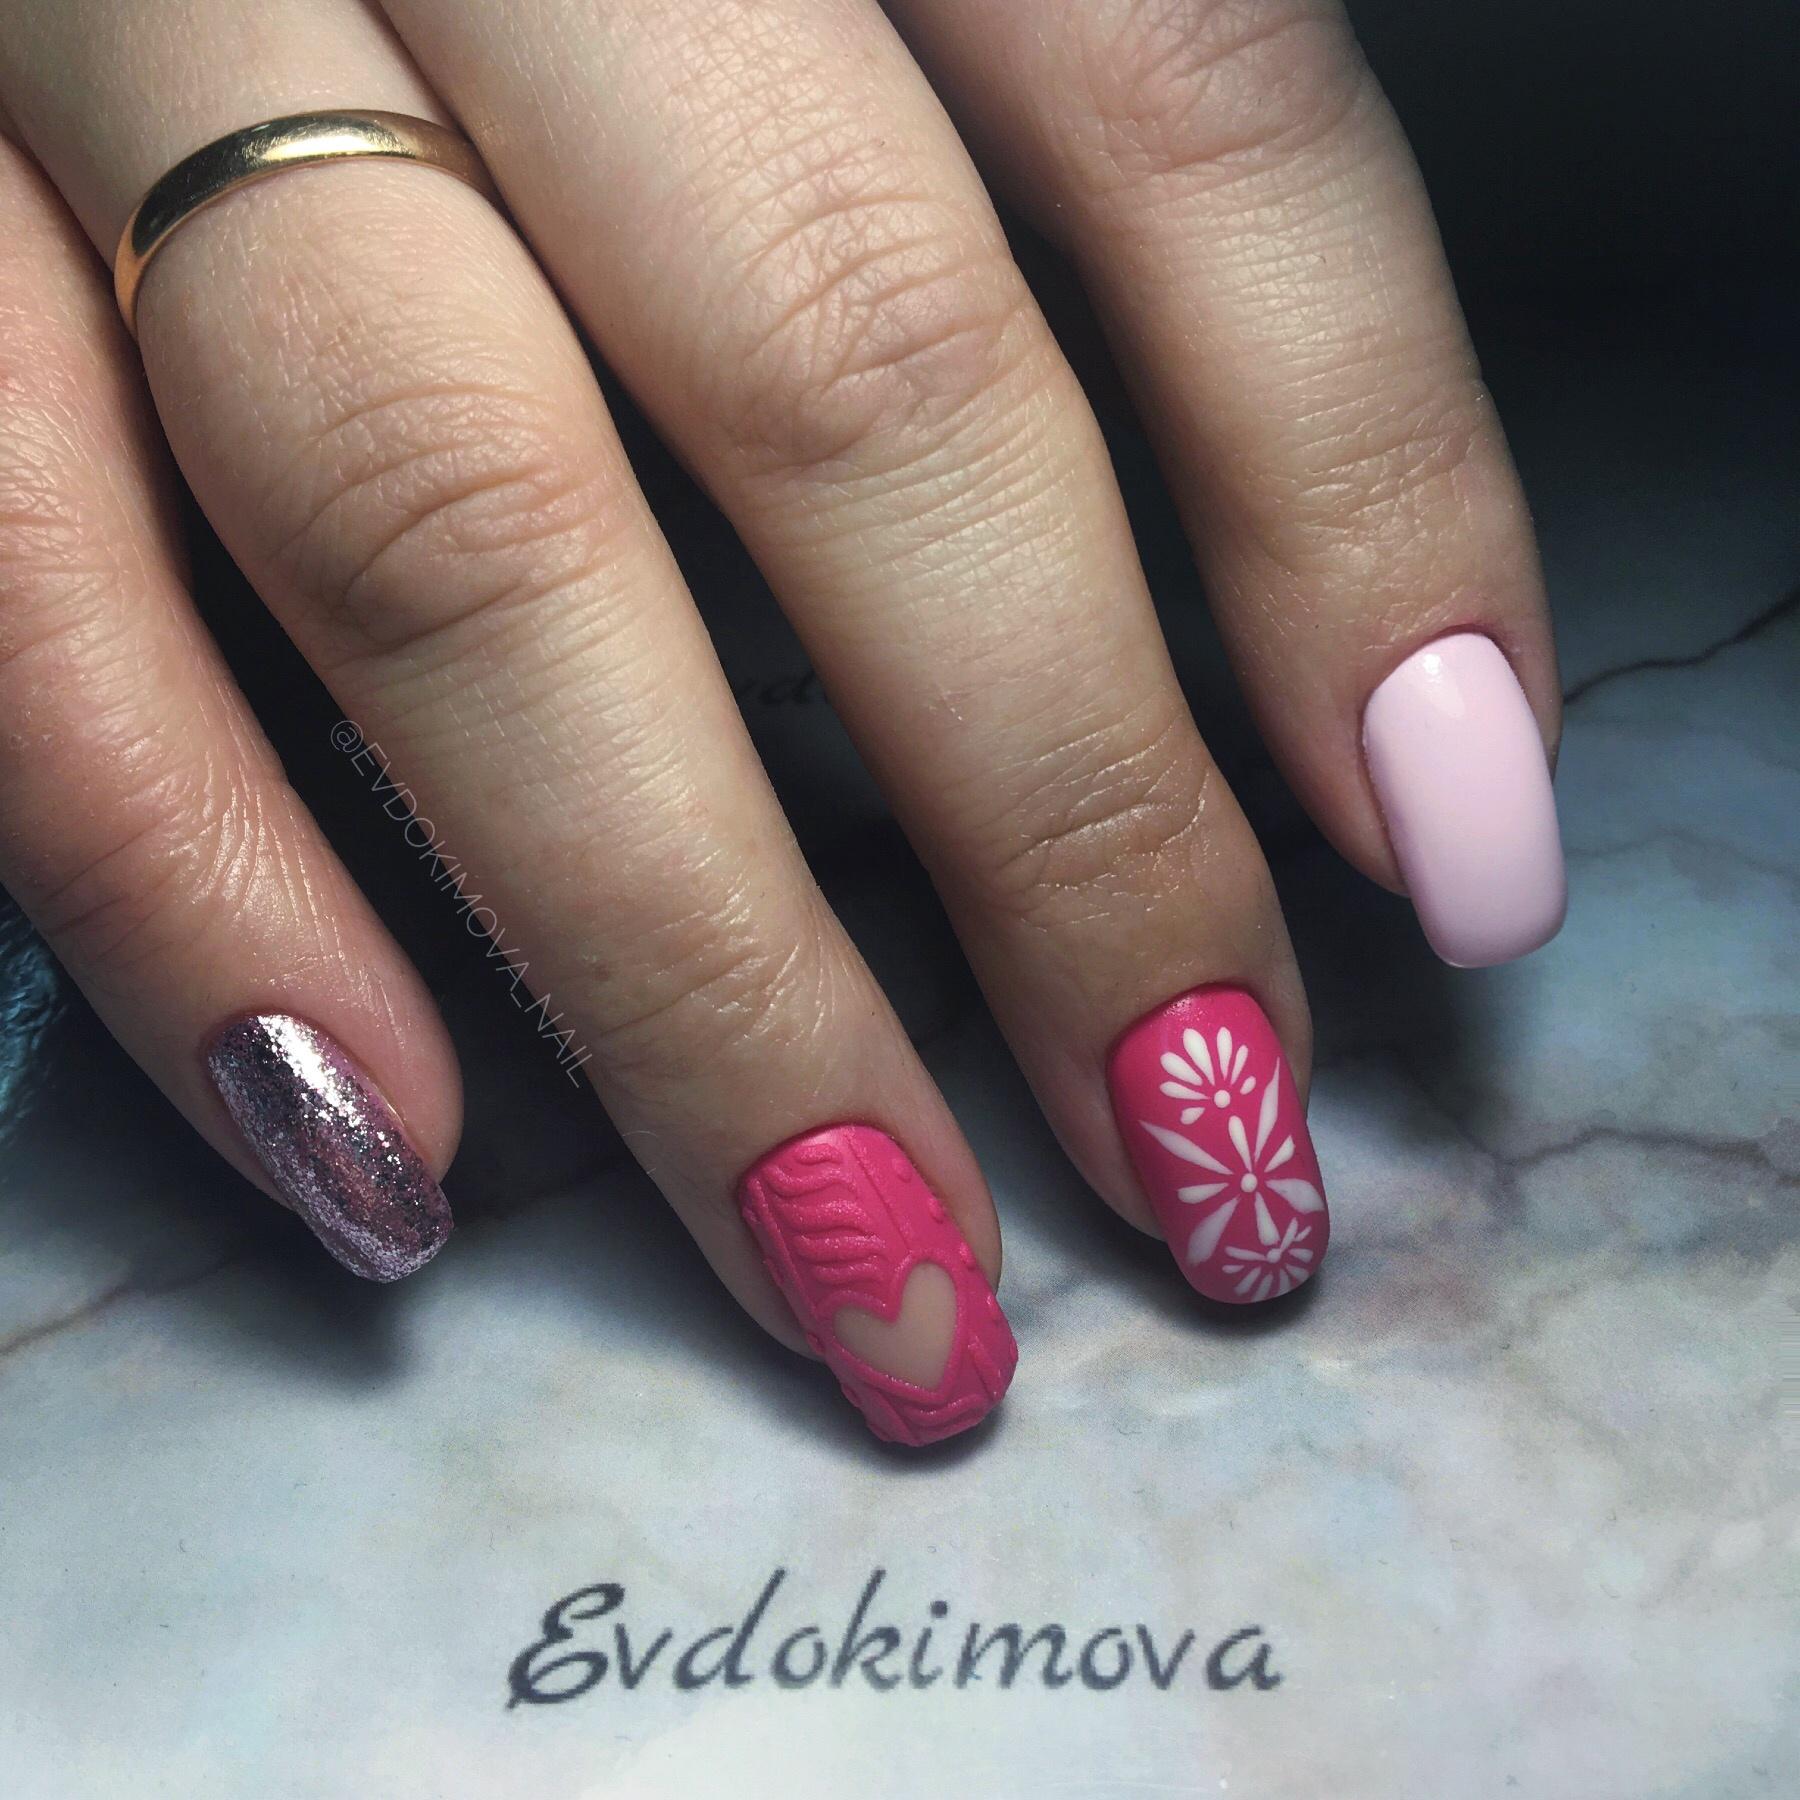 Зимний маникюр с вязаным дизайном, снежинками и серебряными блестками в розовом цвете.